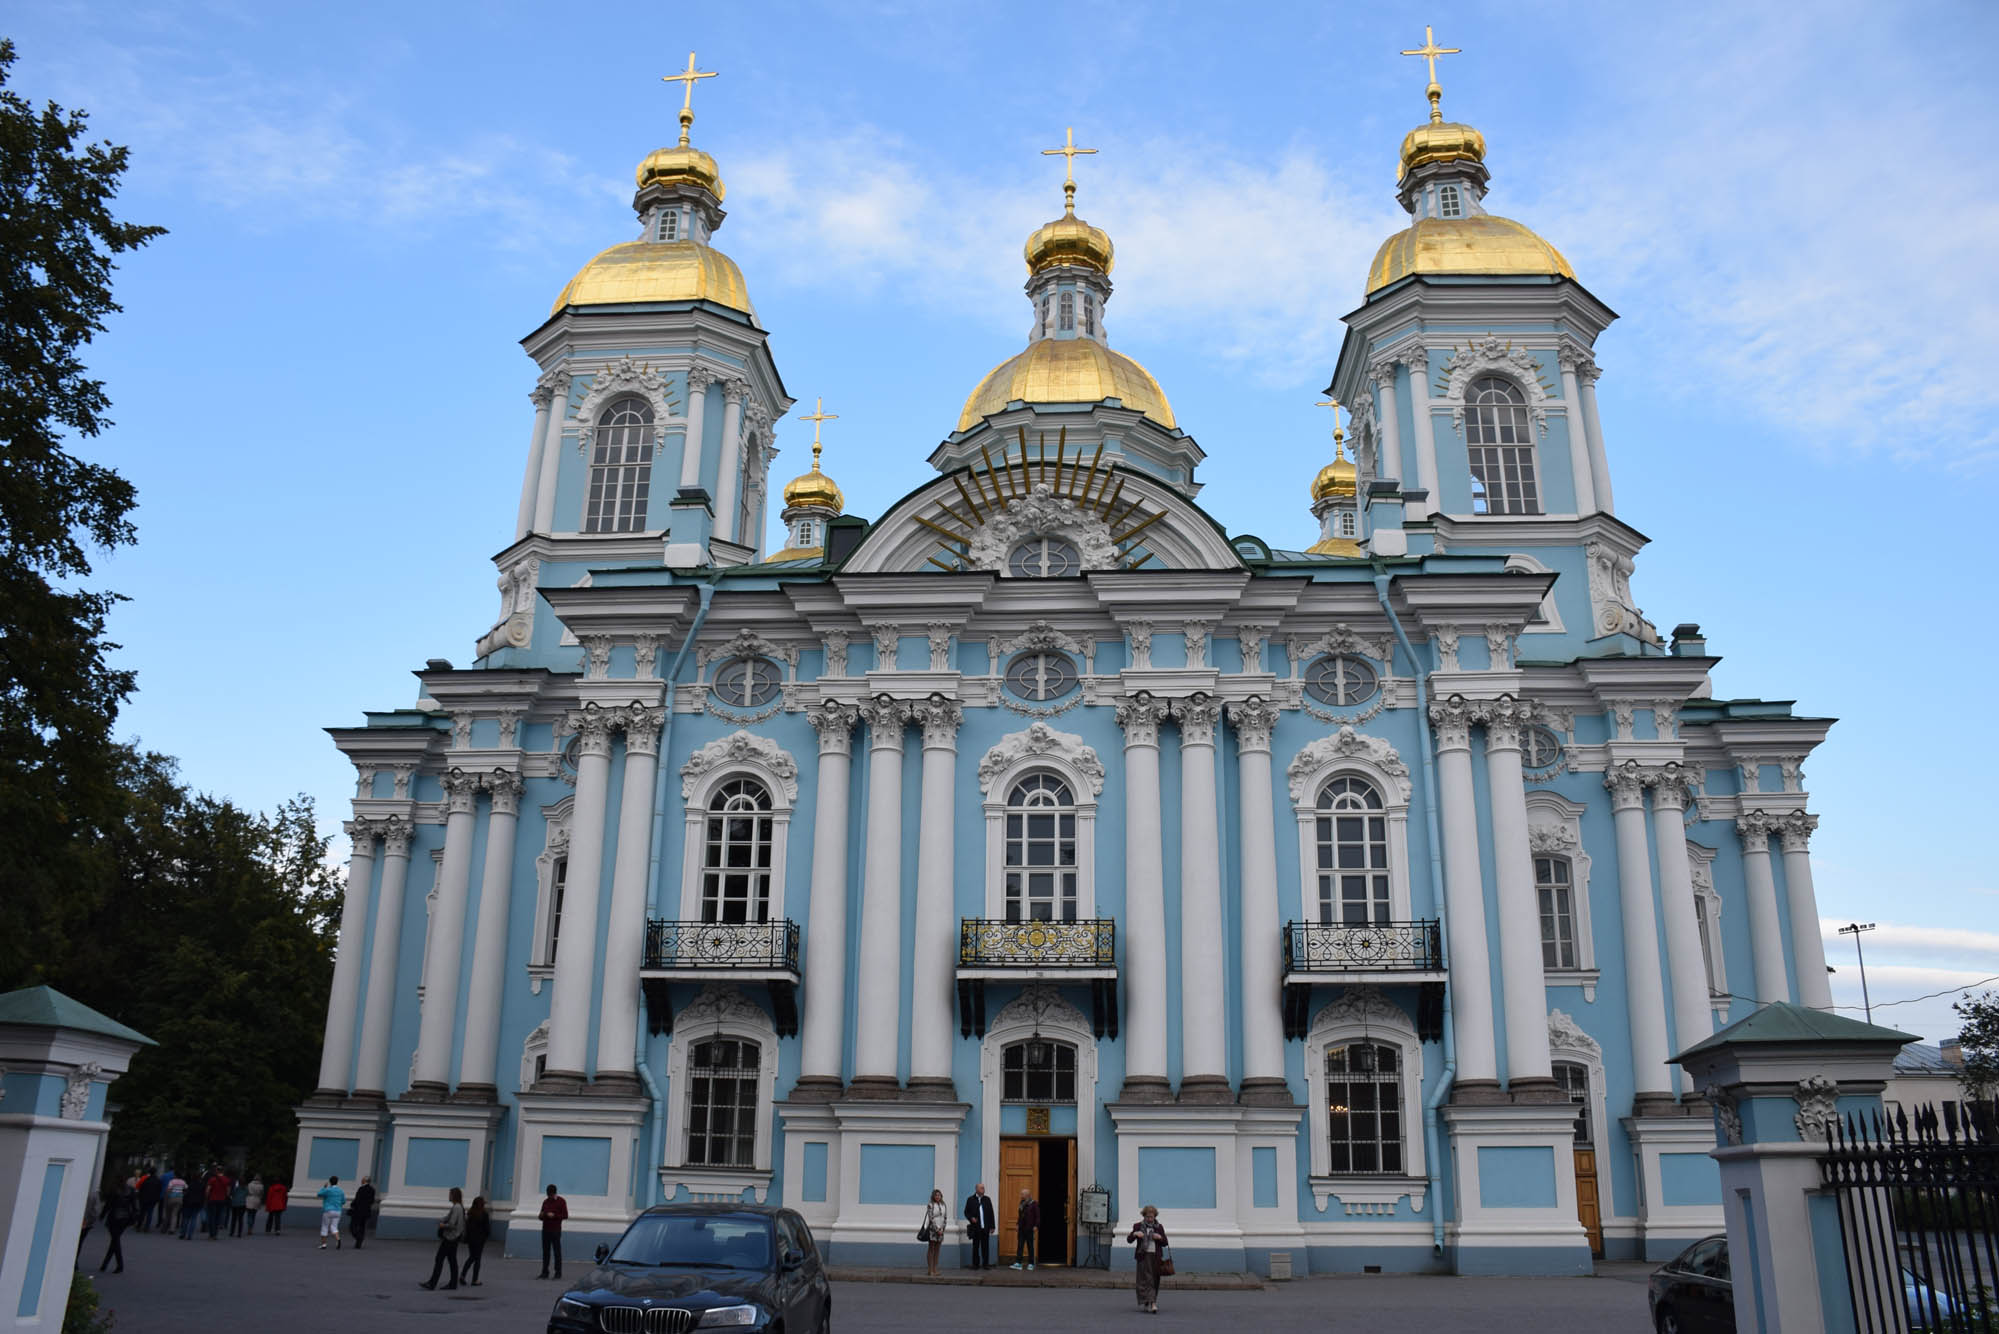 Catedral de São Nicolas em São Petersburgo - uma Igreja Ortodoxa ainda em funcionamento